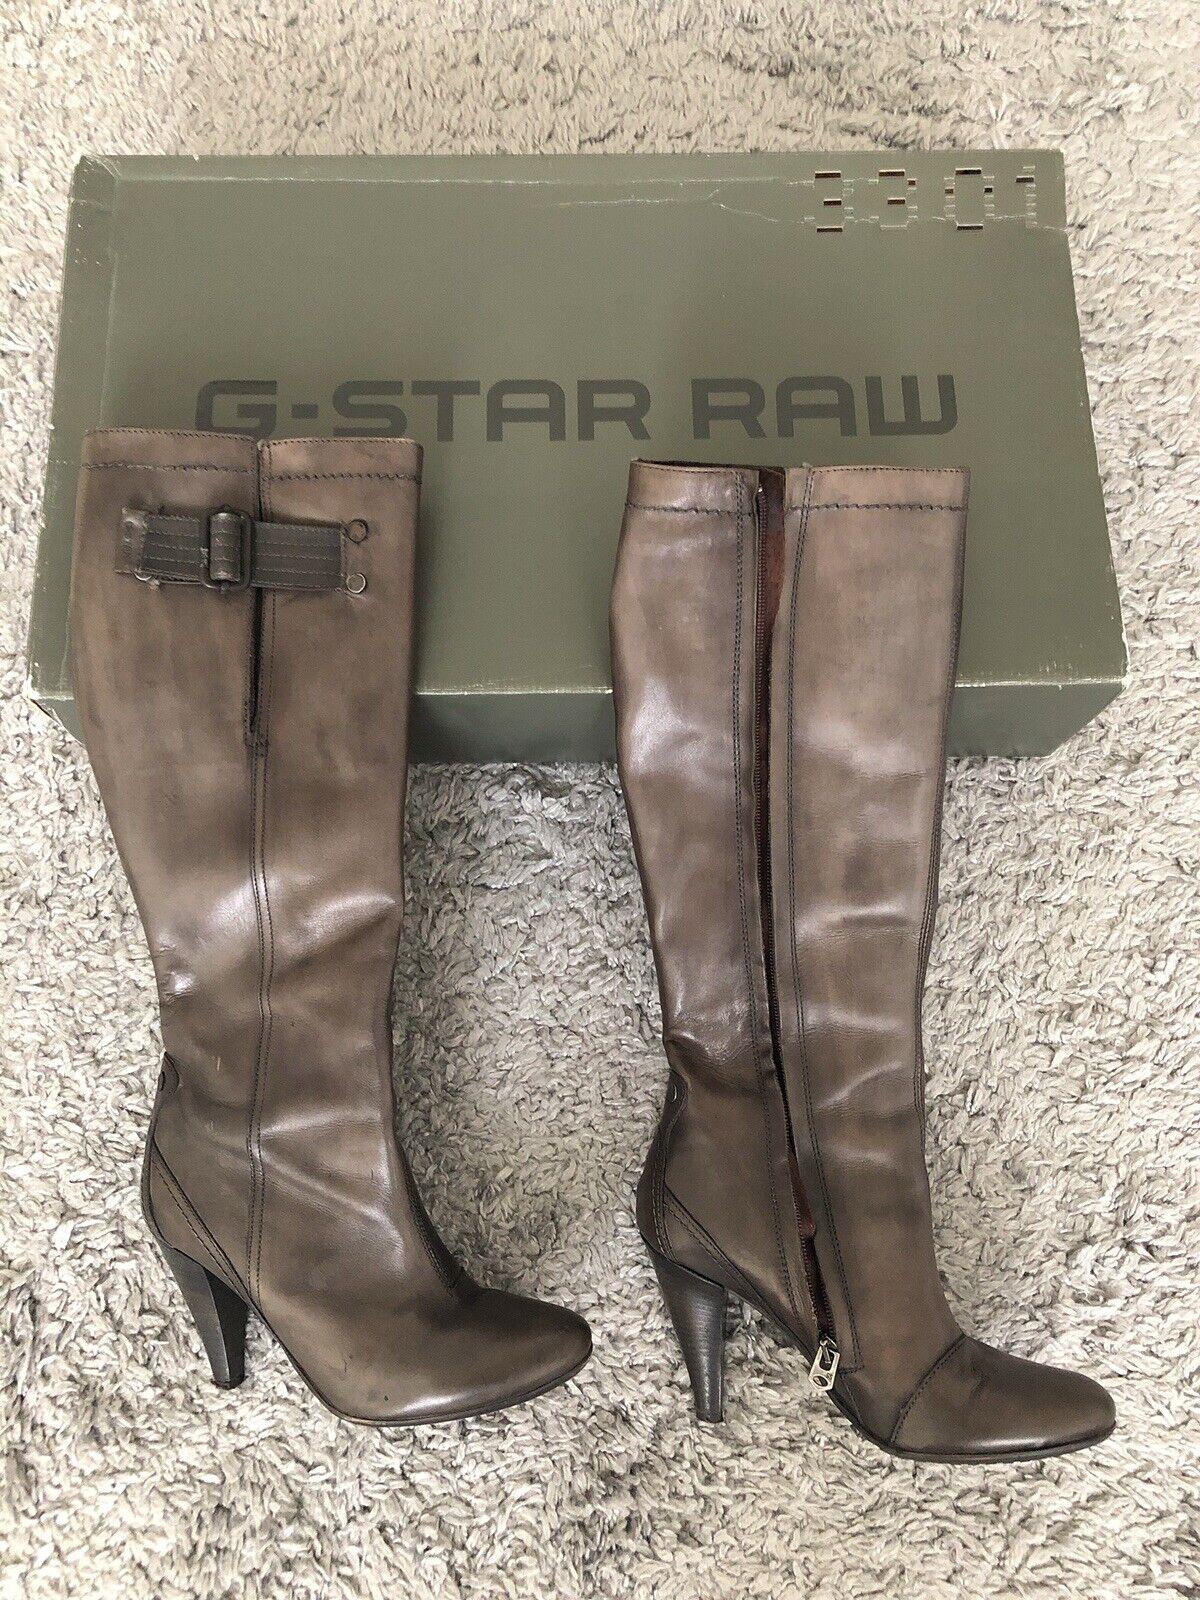 Stiefel Mit Absatz Von G Star Raw Leder Grau Gr 38 Top Zustand